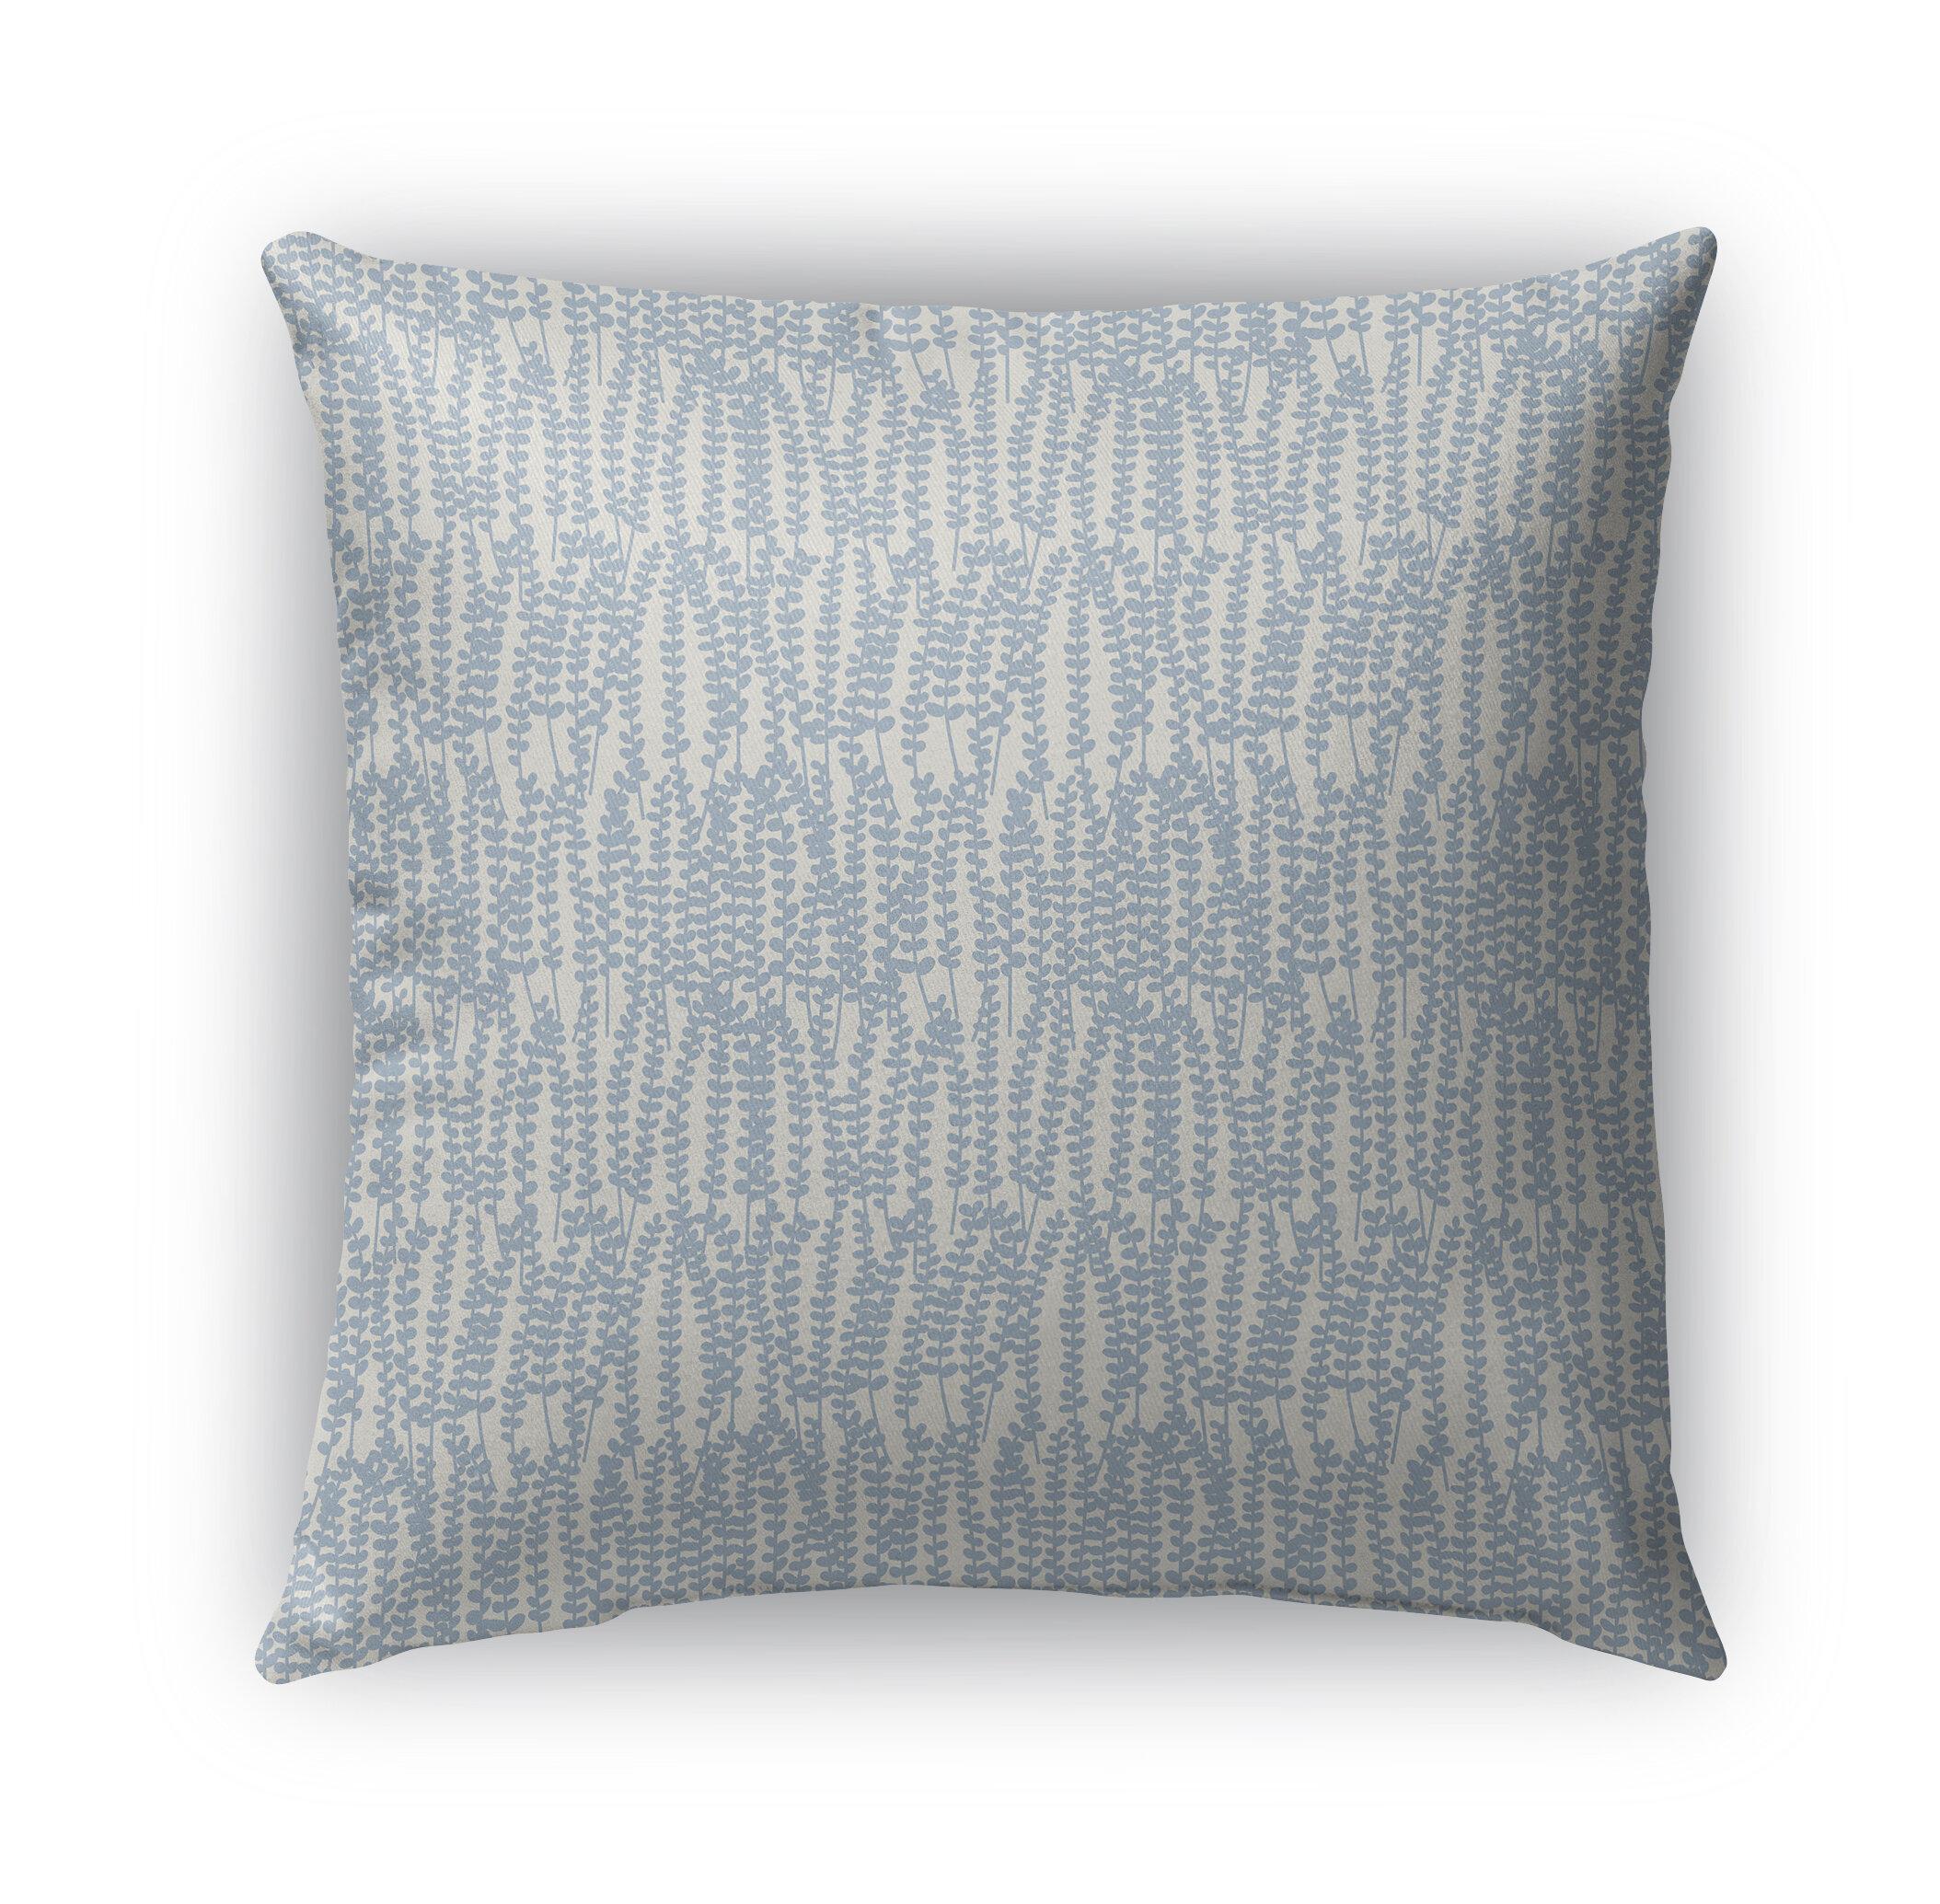 100 Cotton Outdoor Throw Pillows You Ll Love In 2021 Wayfair